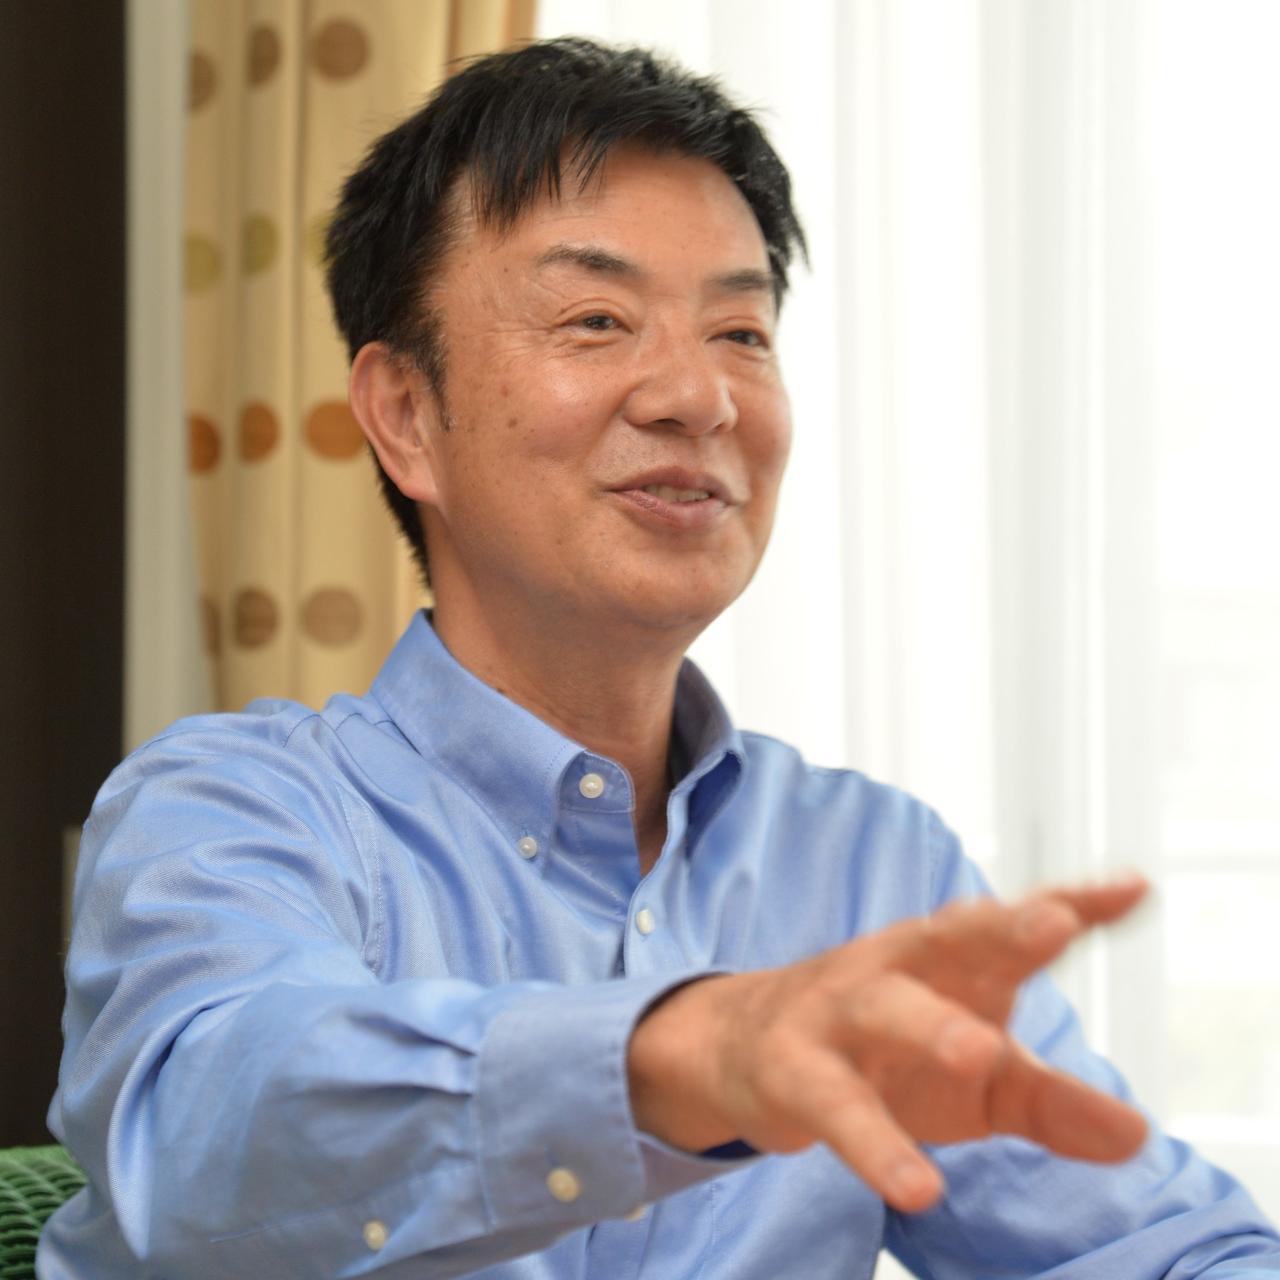 画像: 「ウッドは『1W、3W、5W』の先入観をなくしたほうがいい」とクラブデザイナーの松尾さんは言う